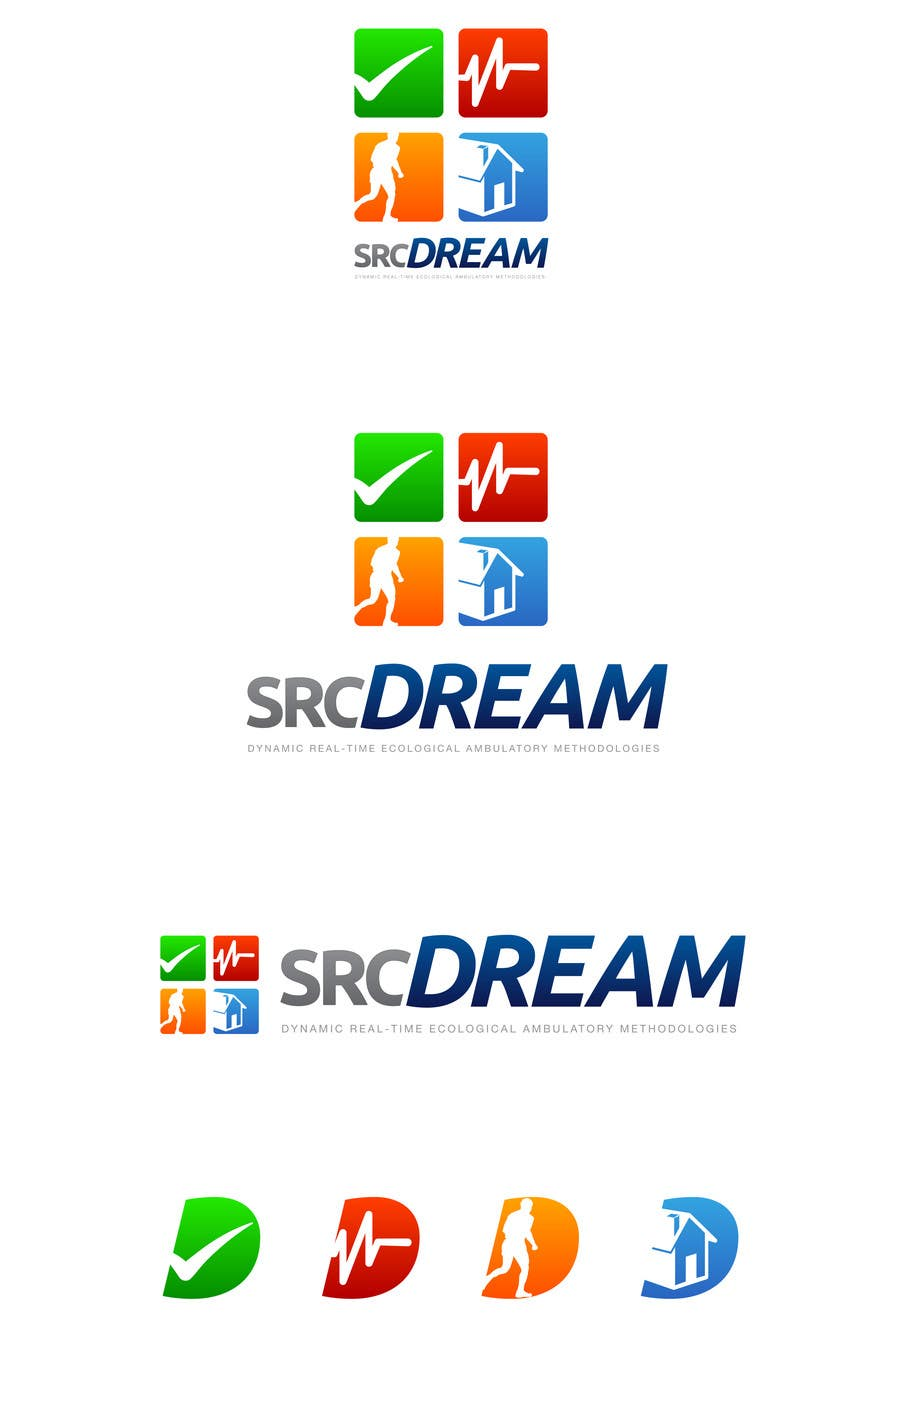 Inscrição nº 13 do Concurso para Design a Logo for SRCDREAM